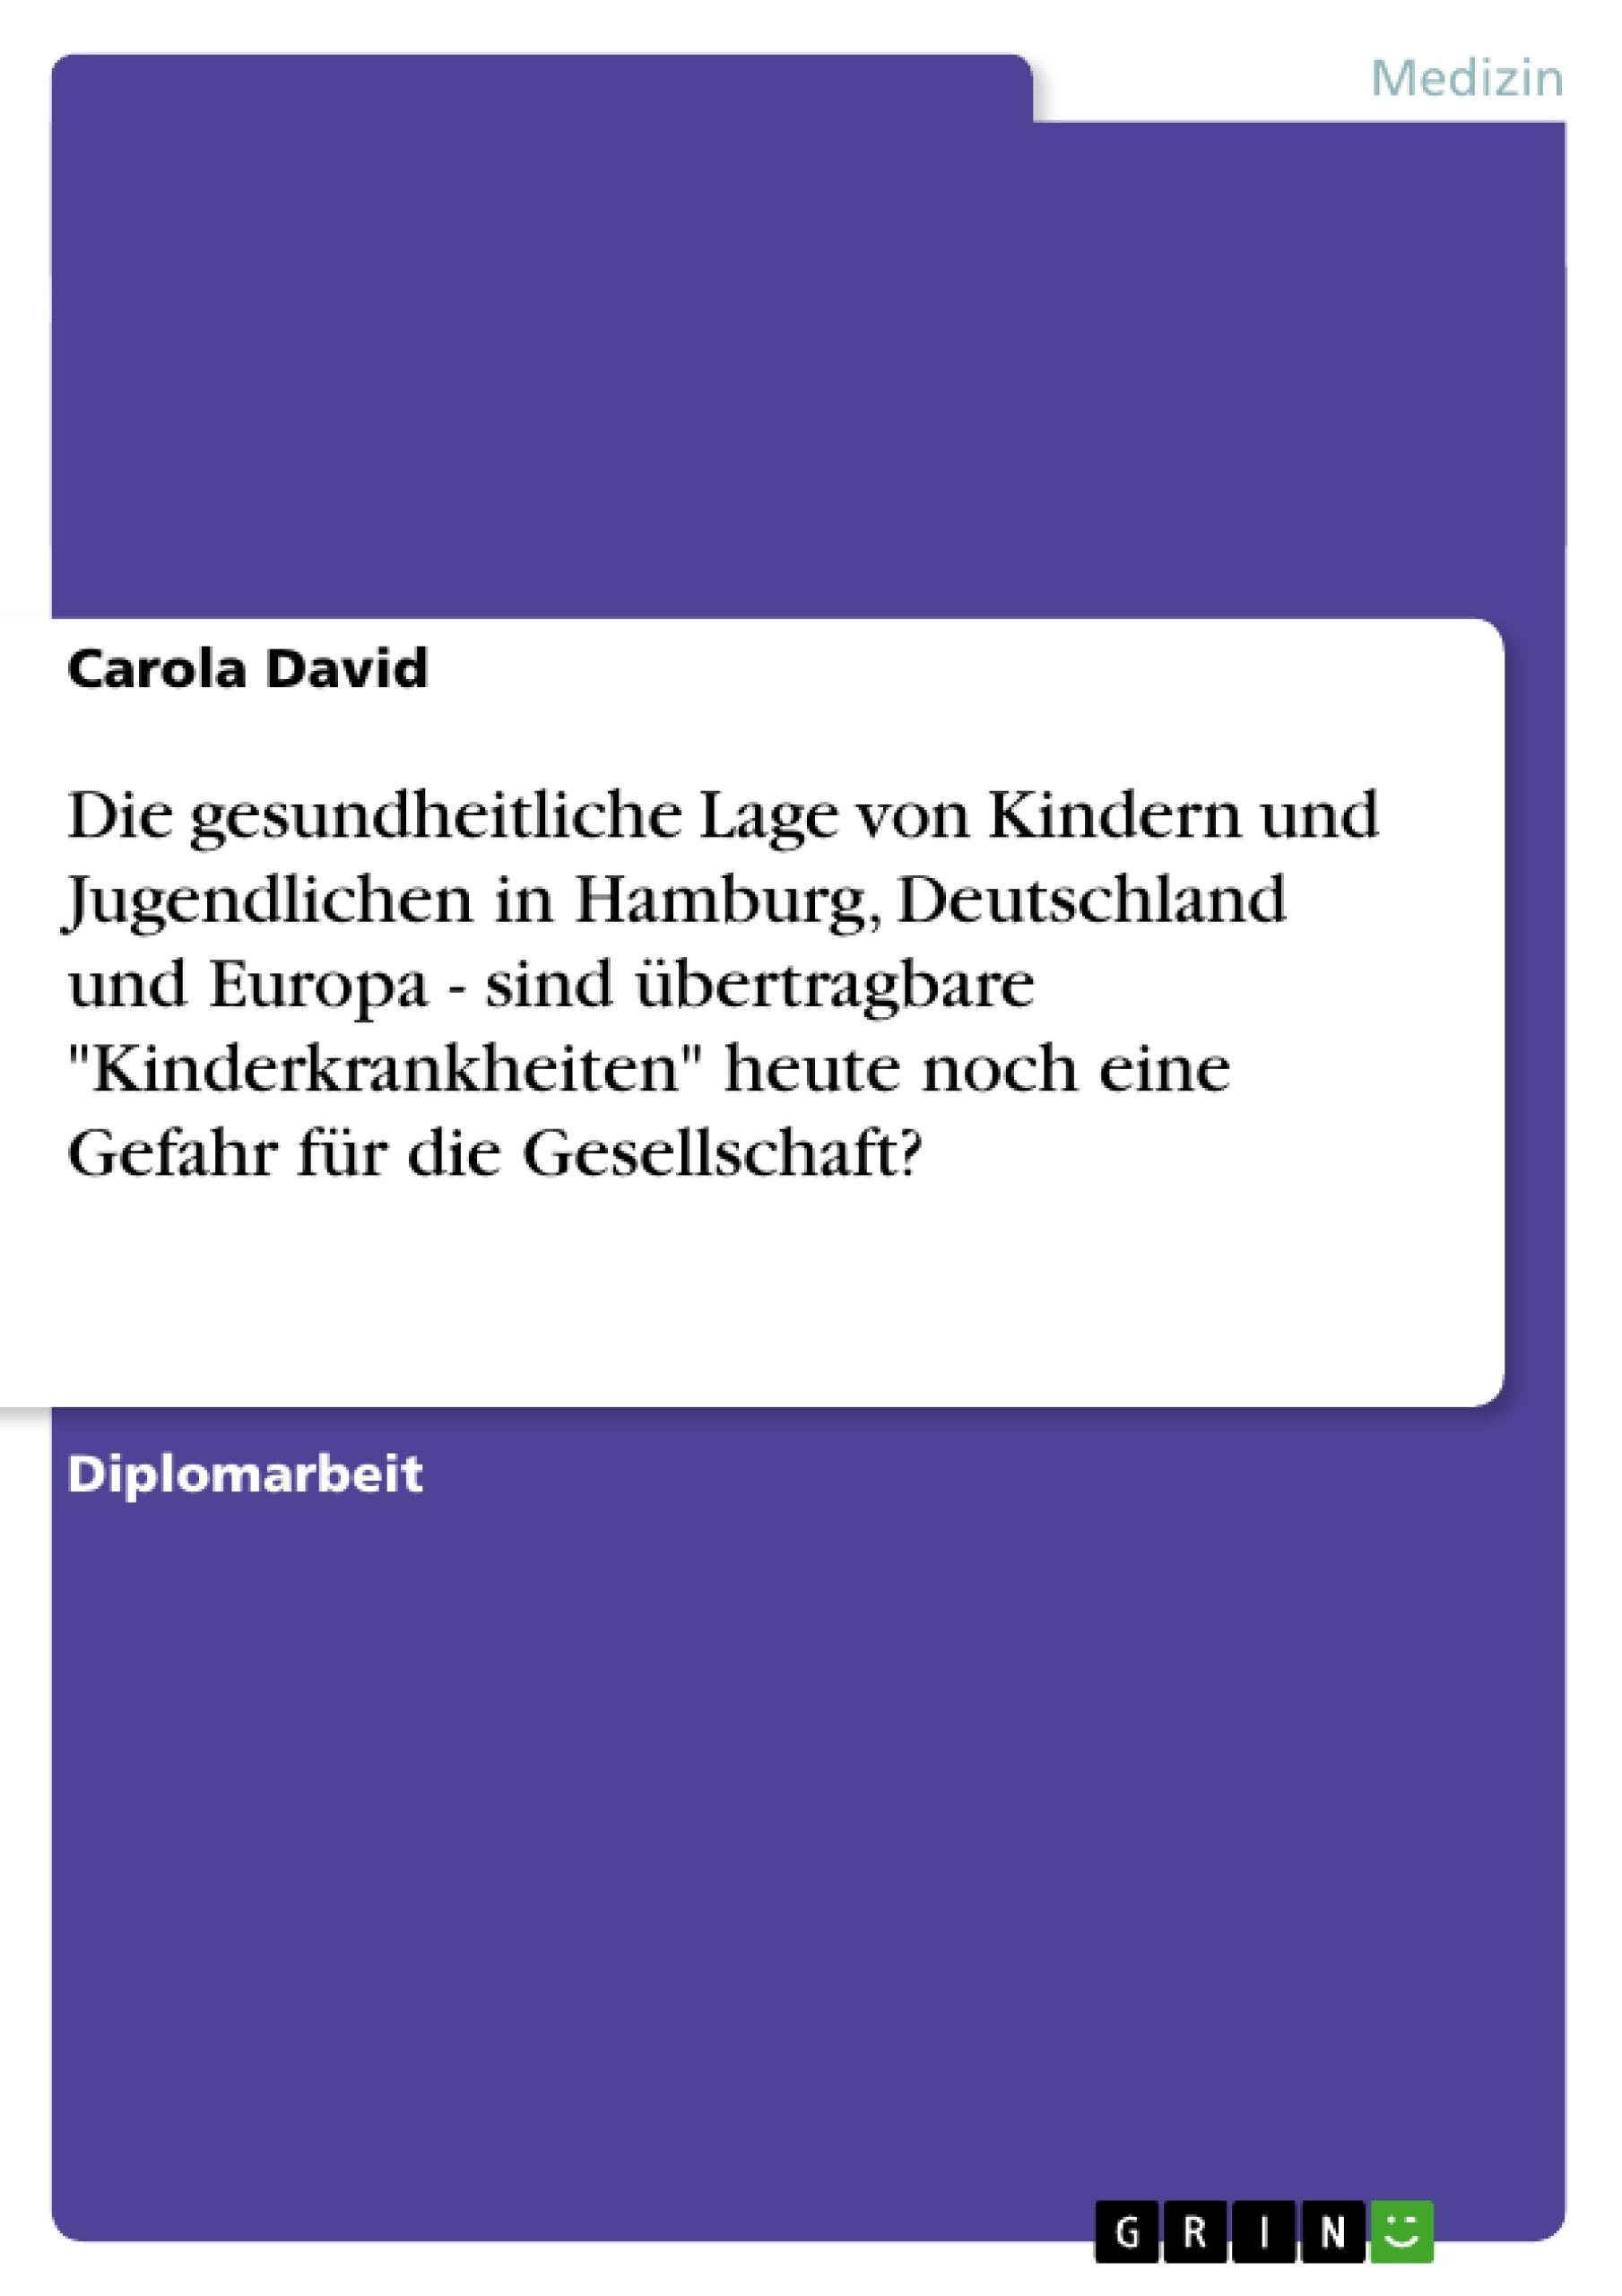 """Titel: Die gesundheitliche Lage von Kindern und Jugendlichen in Hamburg, Deutschland und Europa - sind übertragbare """"Kinderkrankheiten""""  heute noch eine Gefahr für die Gesellschaft?"""